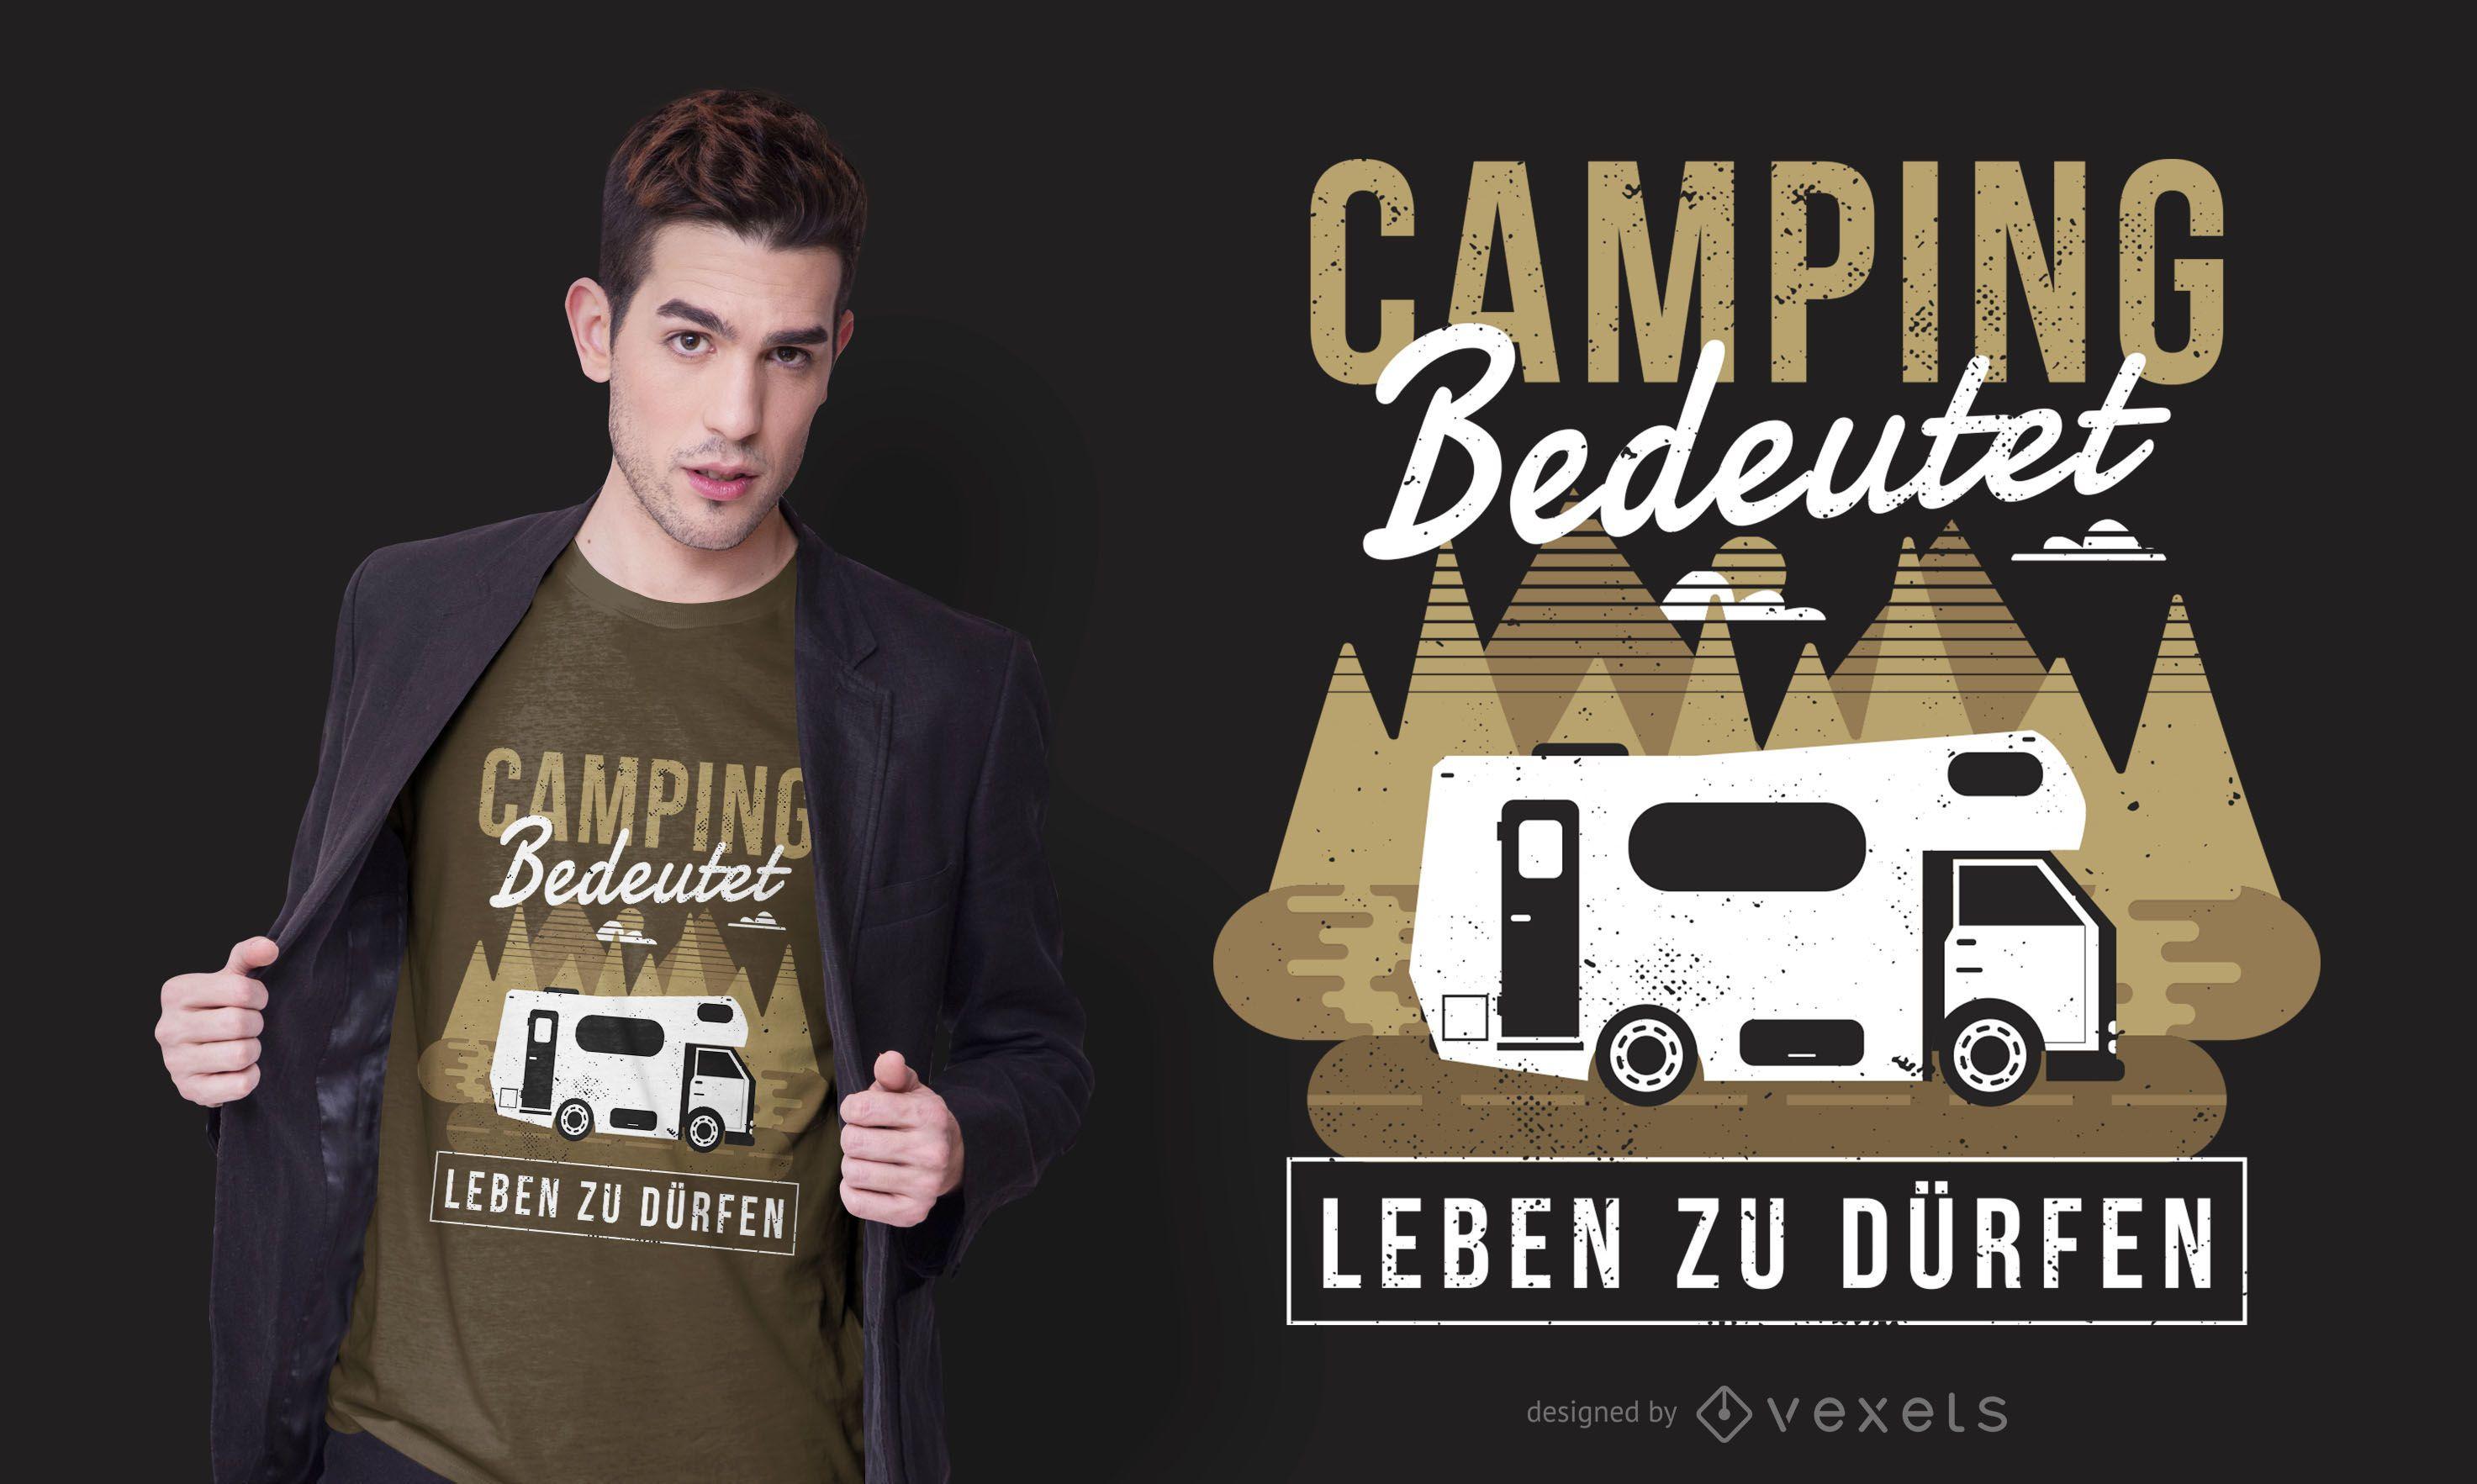 Diseño de camiseta de texto alemán Camping Caravan